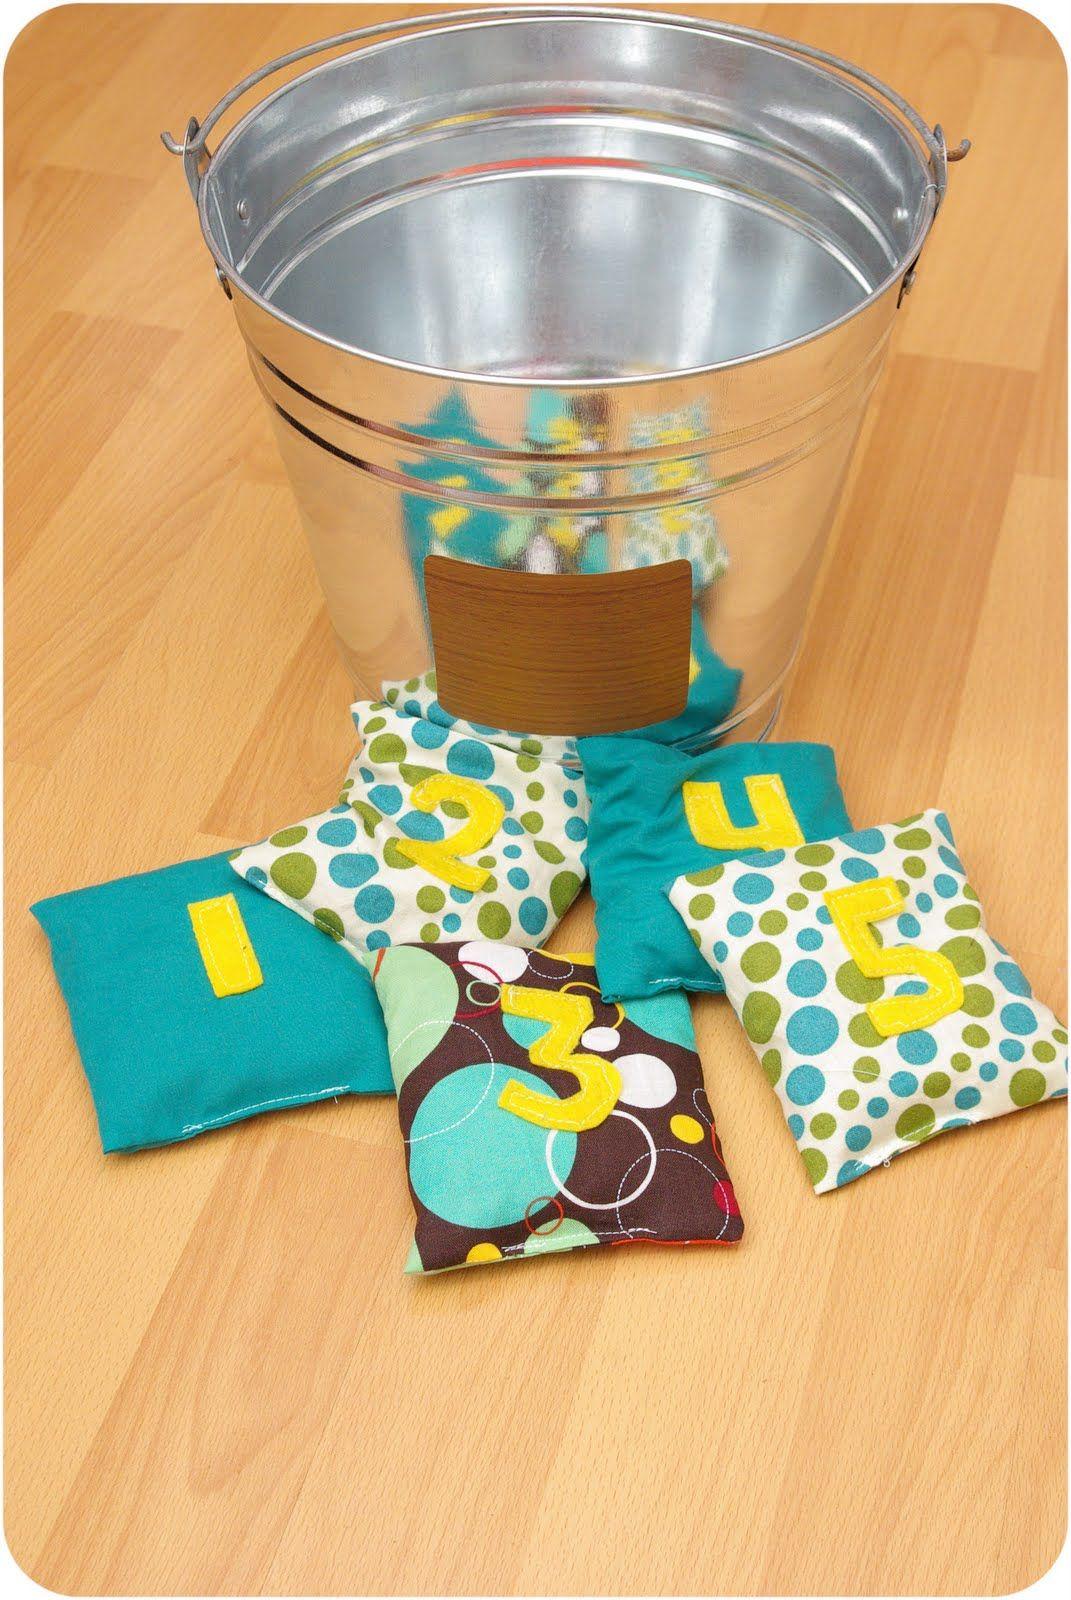 Pocket Full of Whimsy DIY Bean Bag Game kids